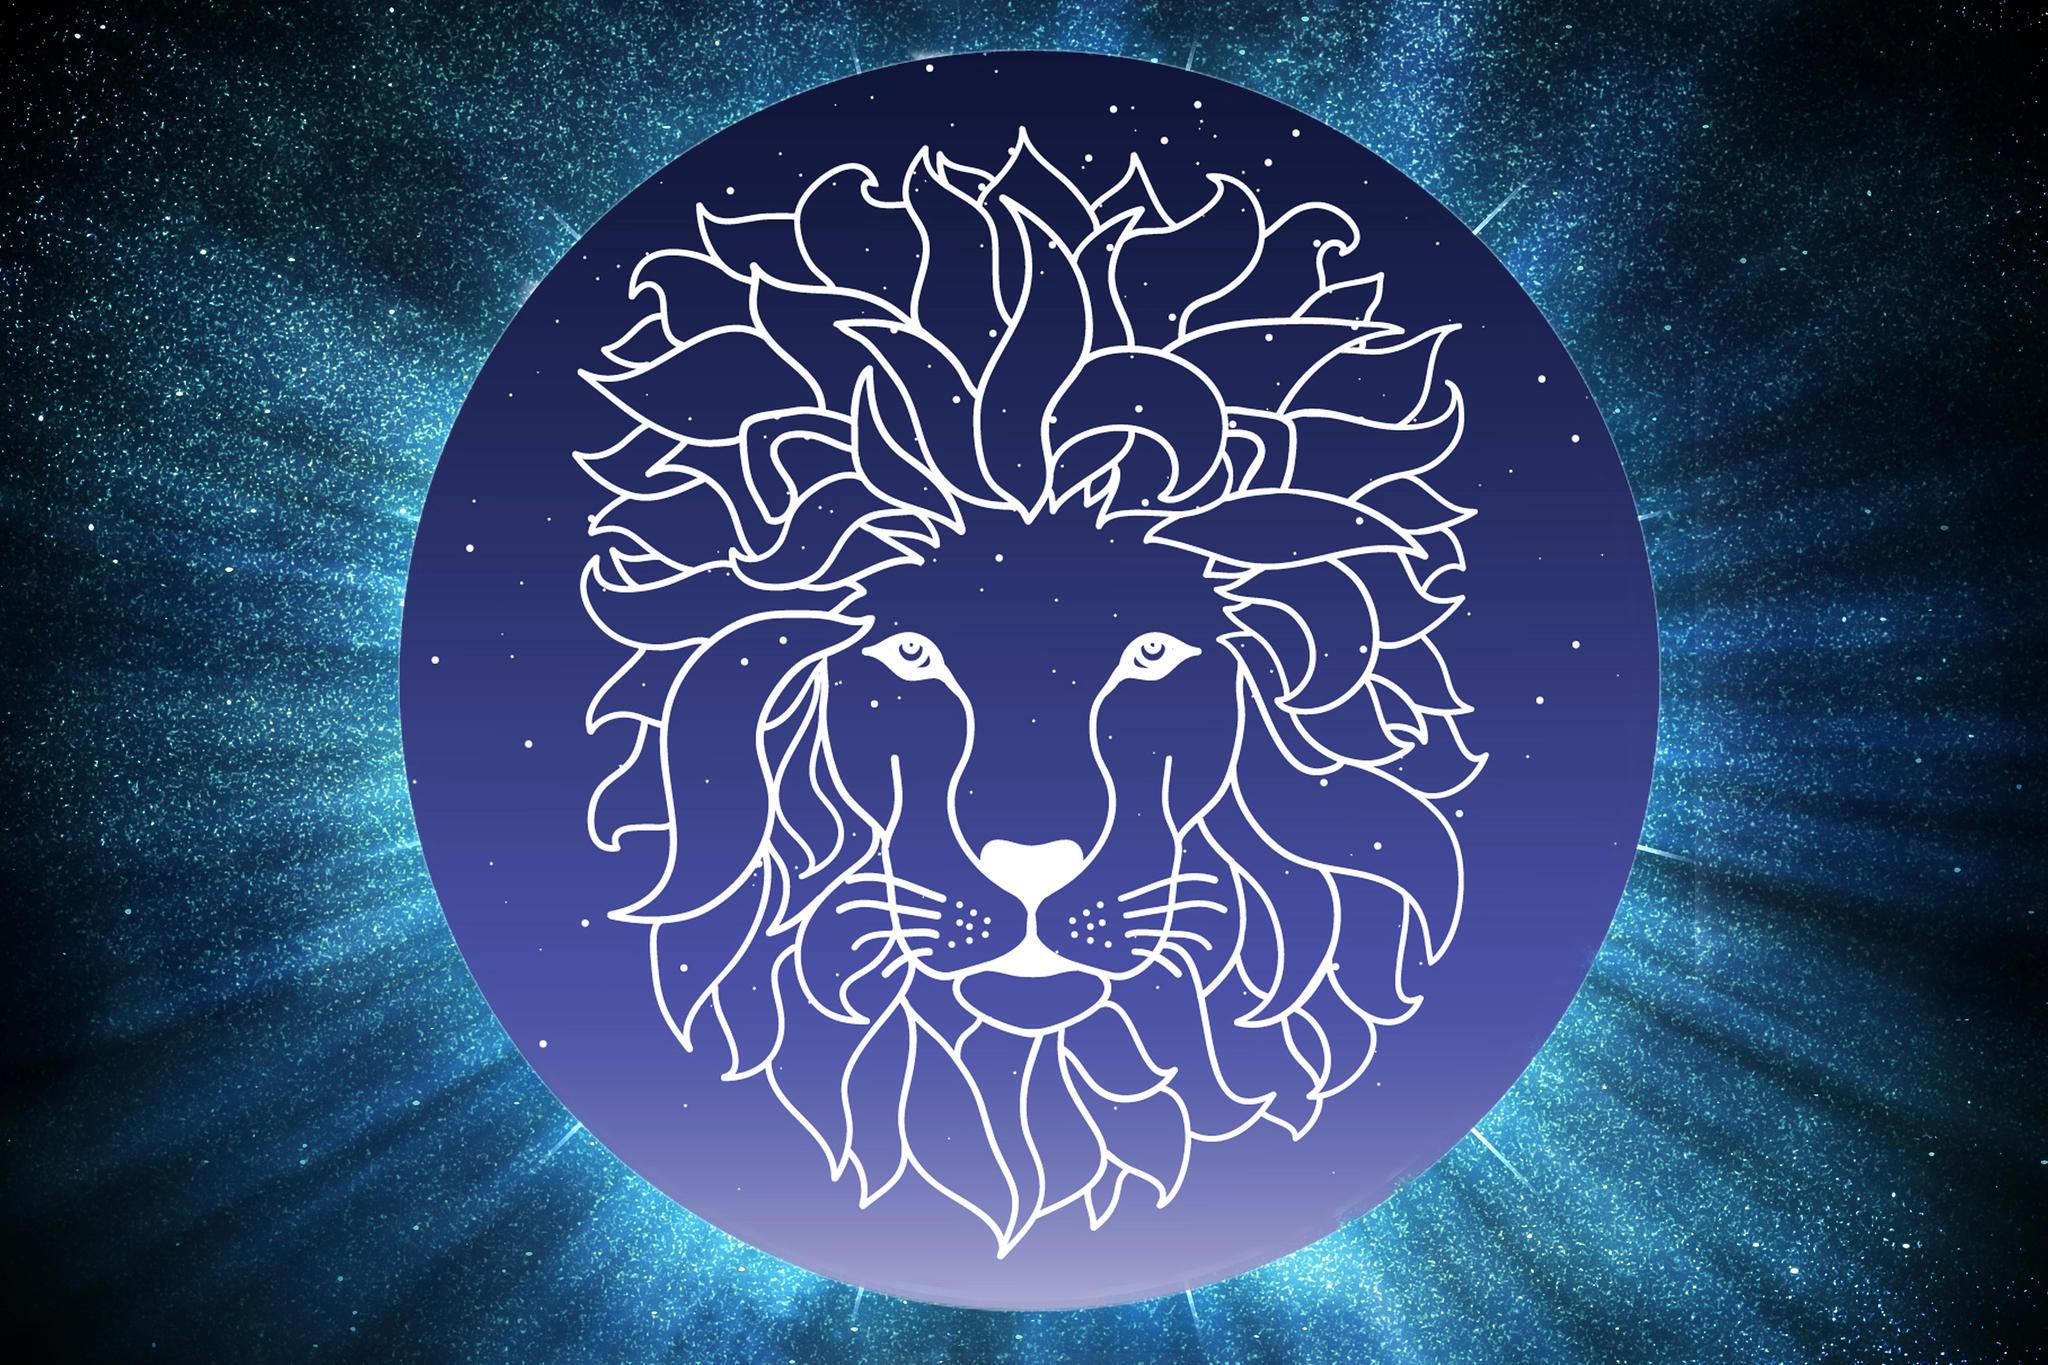 Sternzeichen Löwe sternzeichen löwe – eigenschaften und charakter | gala.de | gala.de